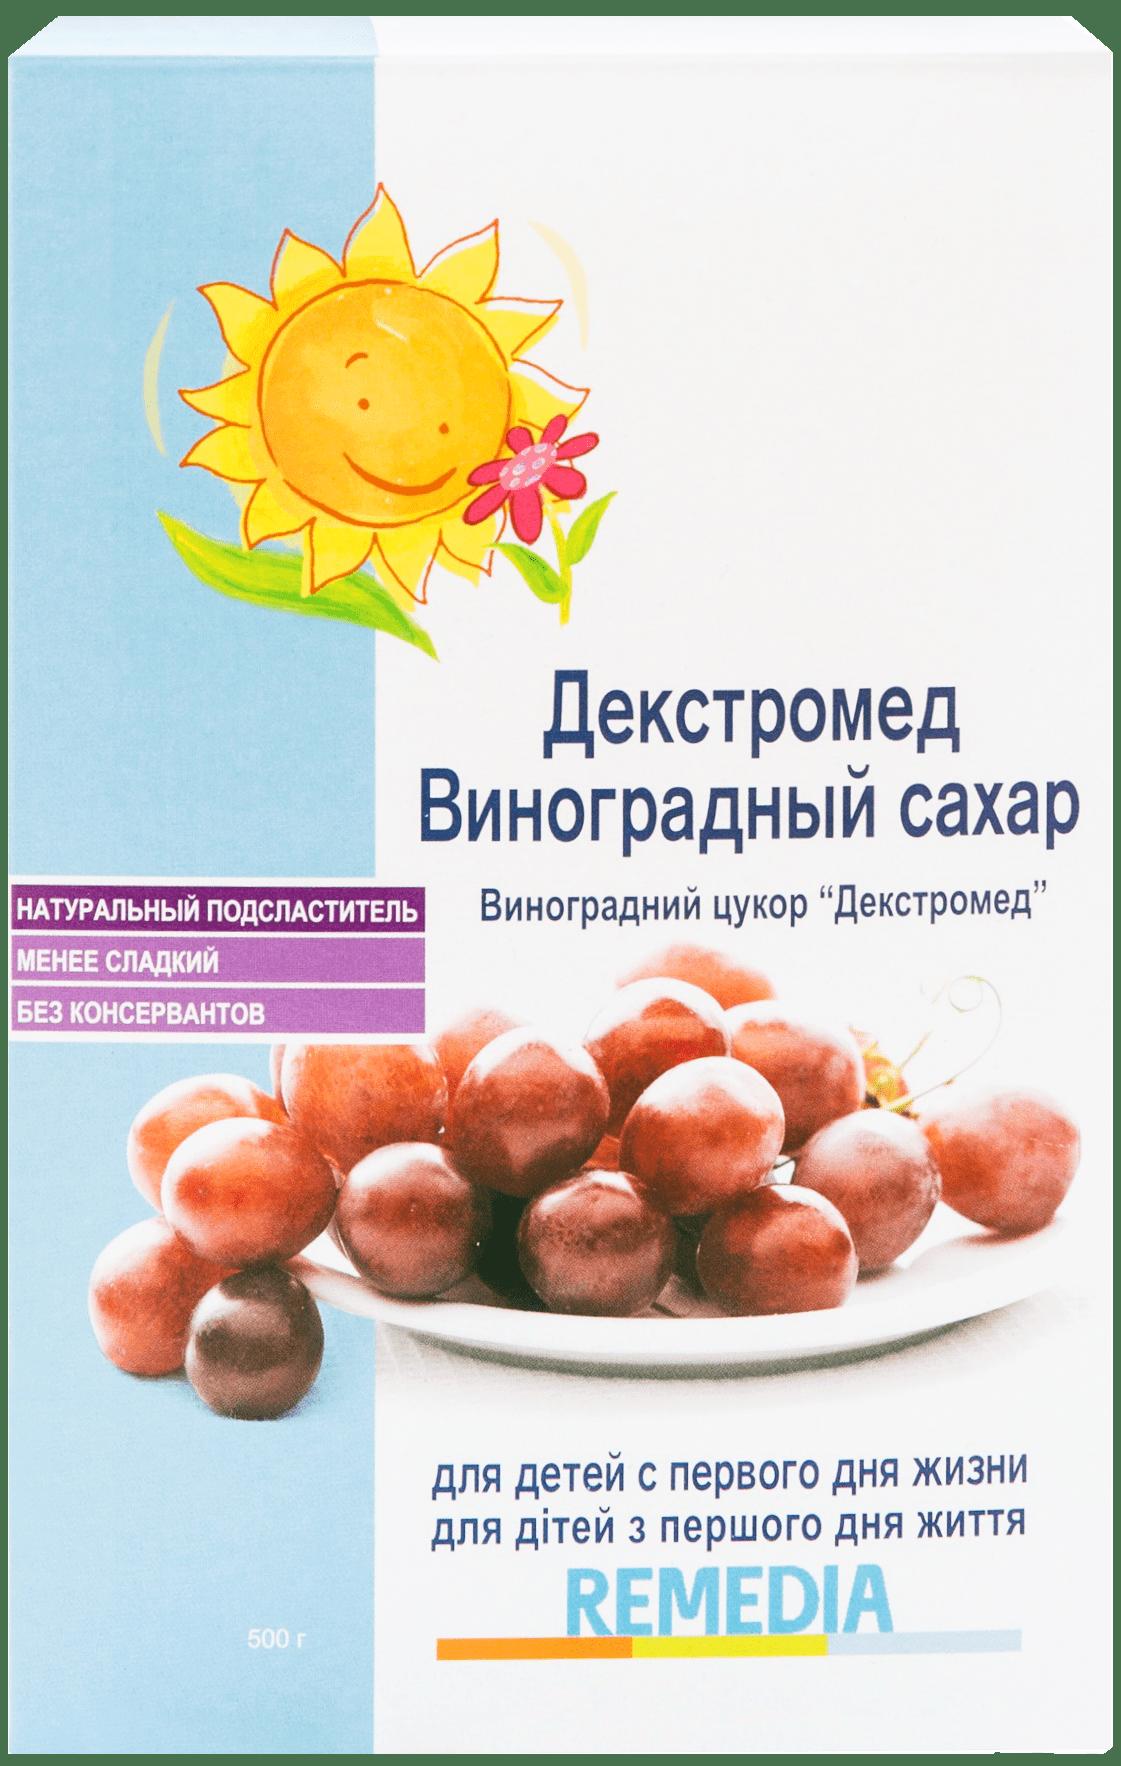 виноградный сахар ремедия